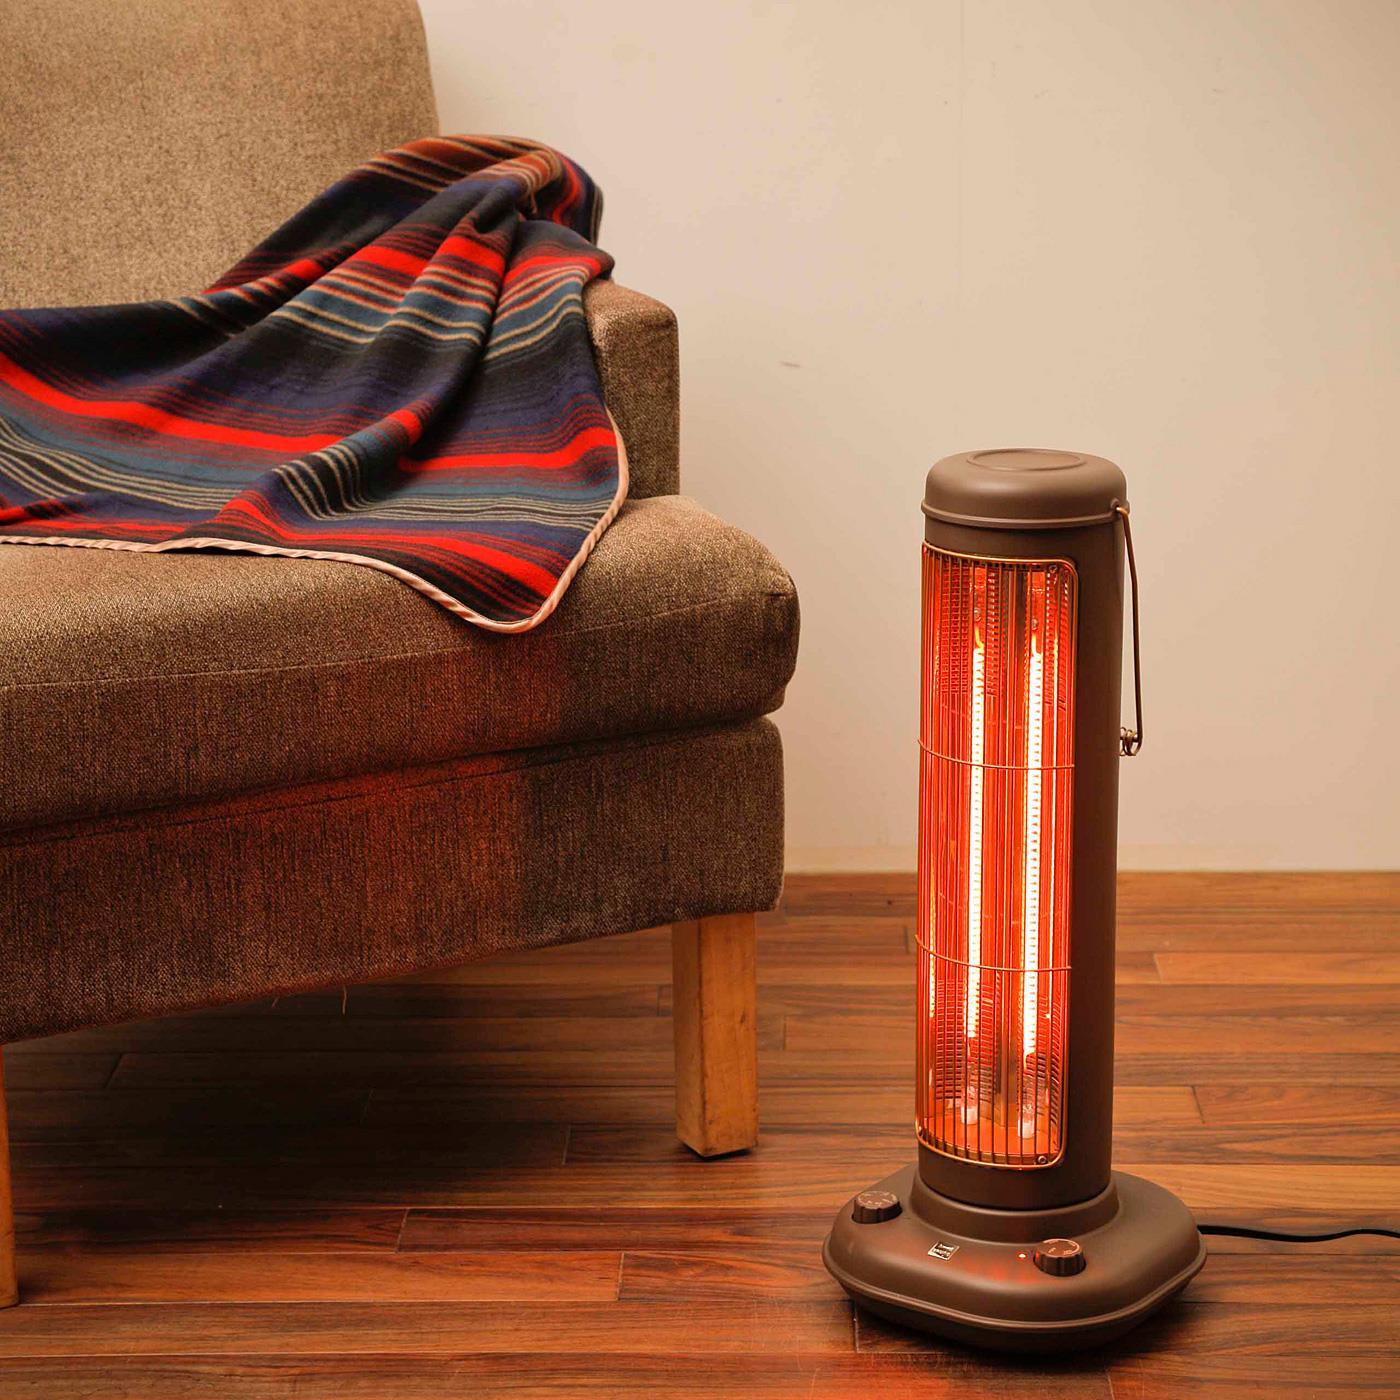 ダイヤル式スイッチで500~1000Wまで、ちょうどいい暖かさに簡単調節。